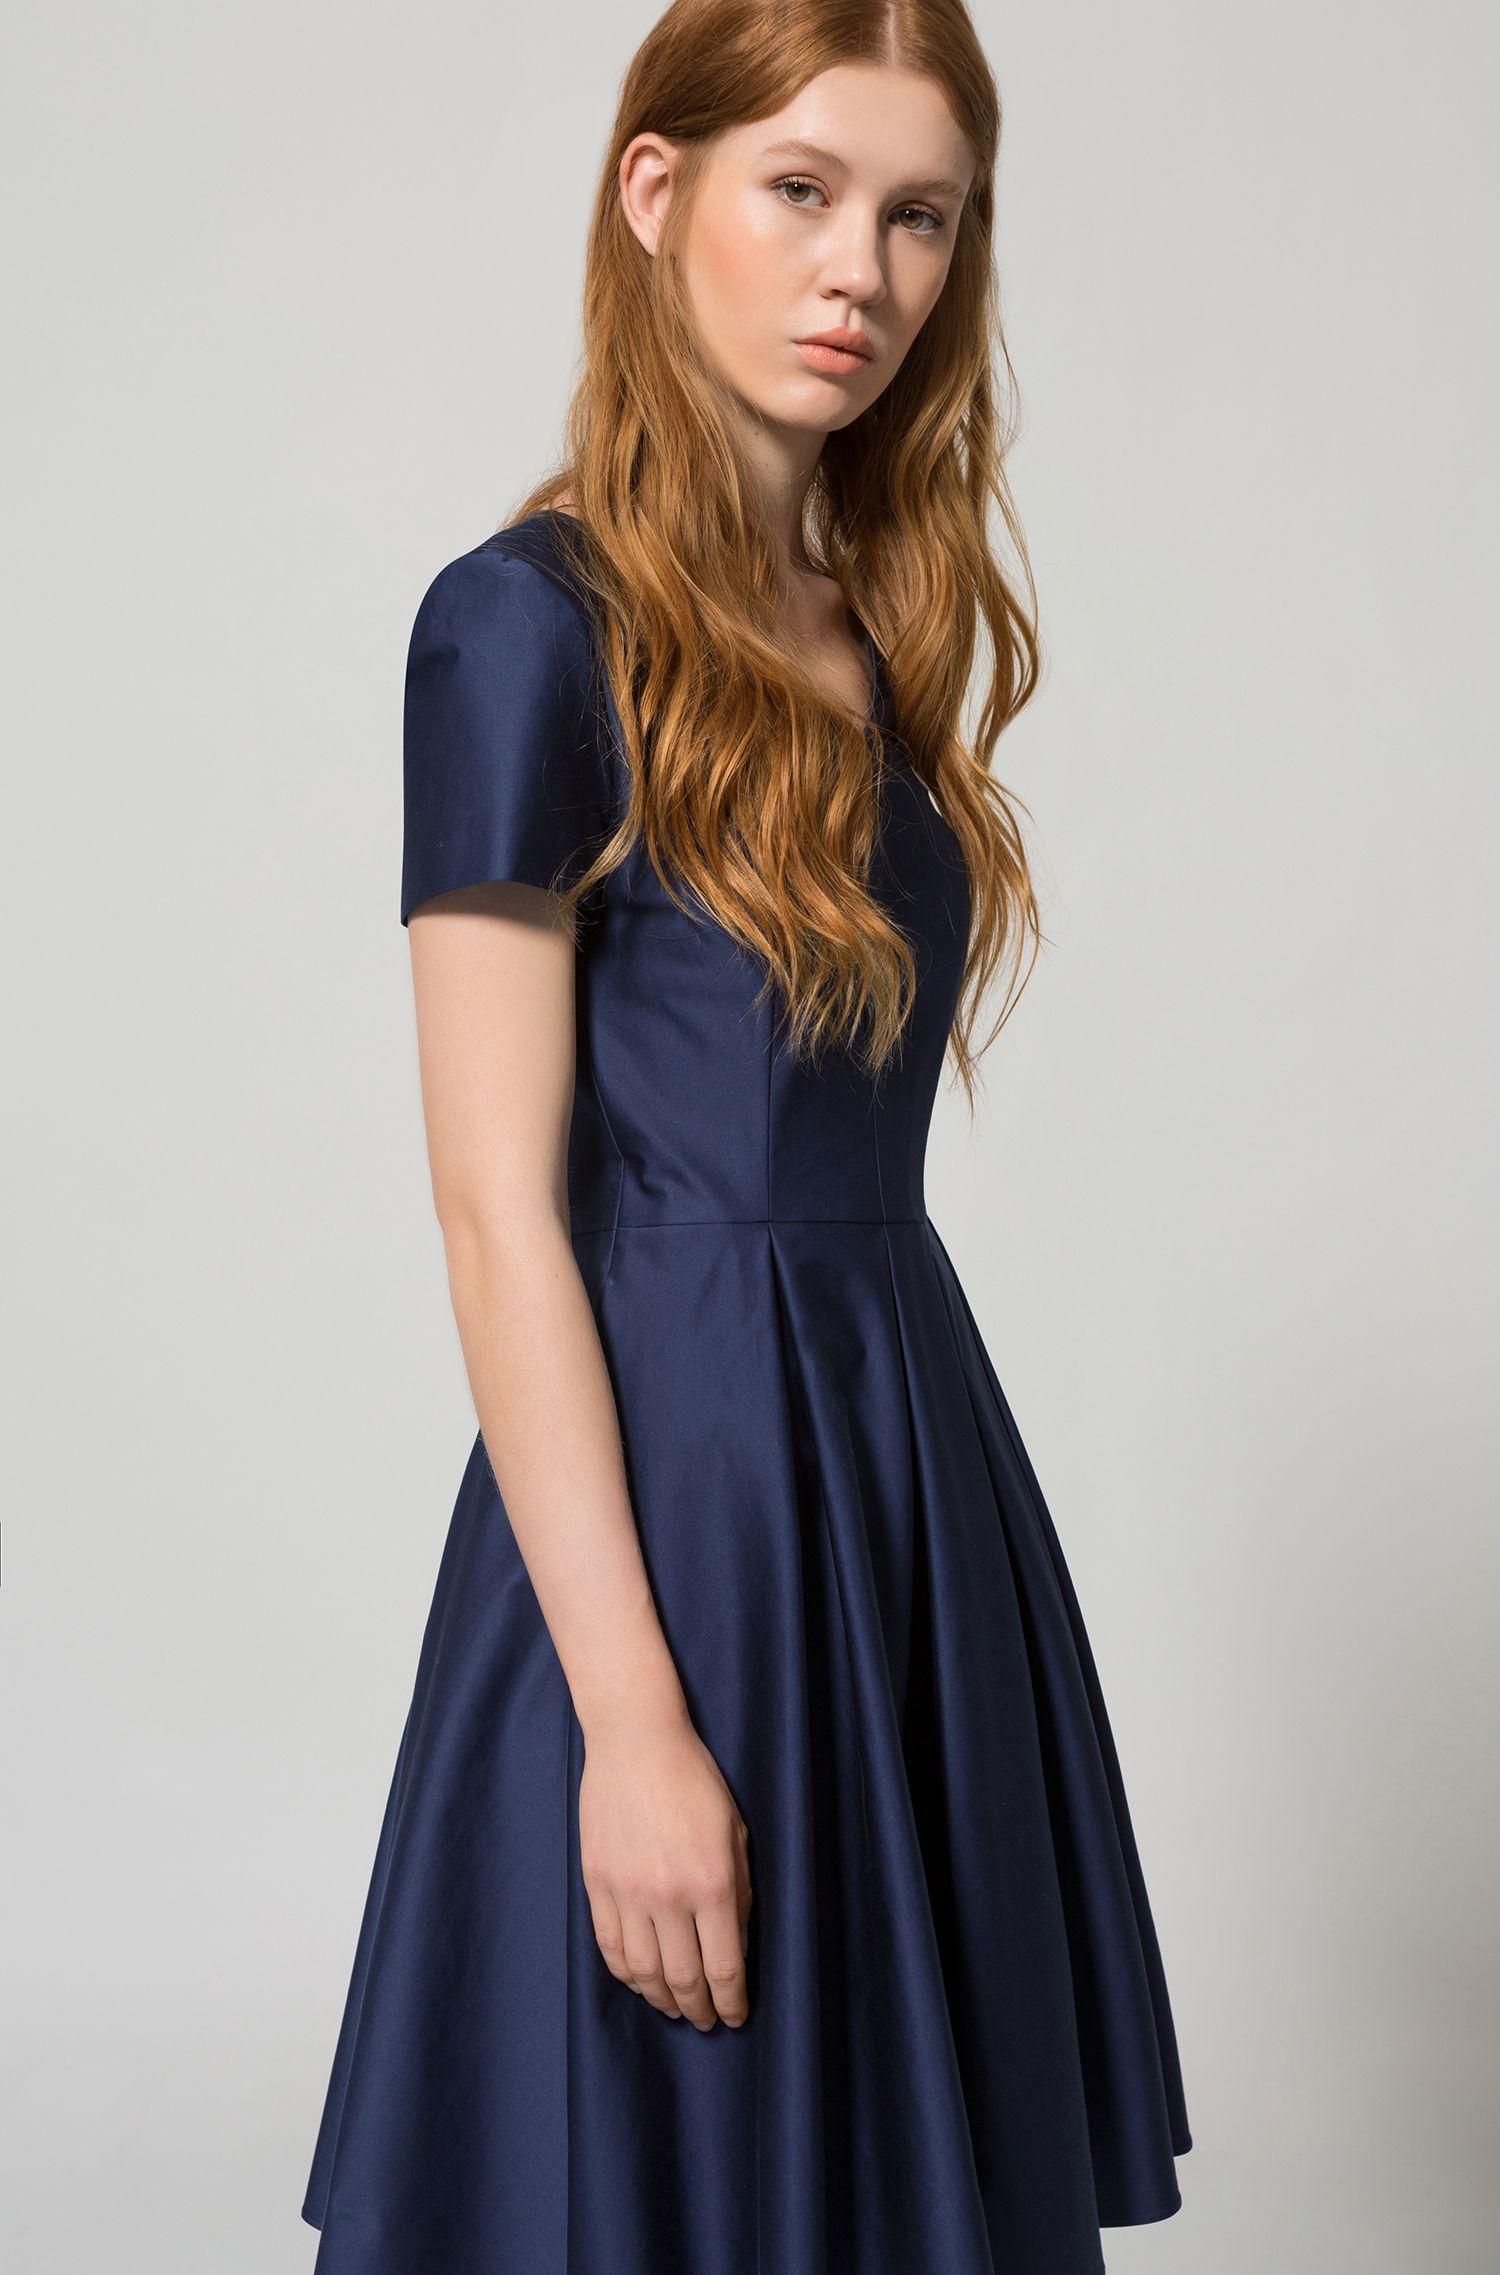 Moderne jurk met V-hals en volumineuze rok, van stretchkatoen